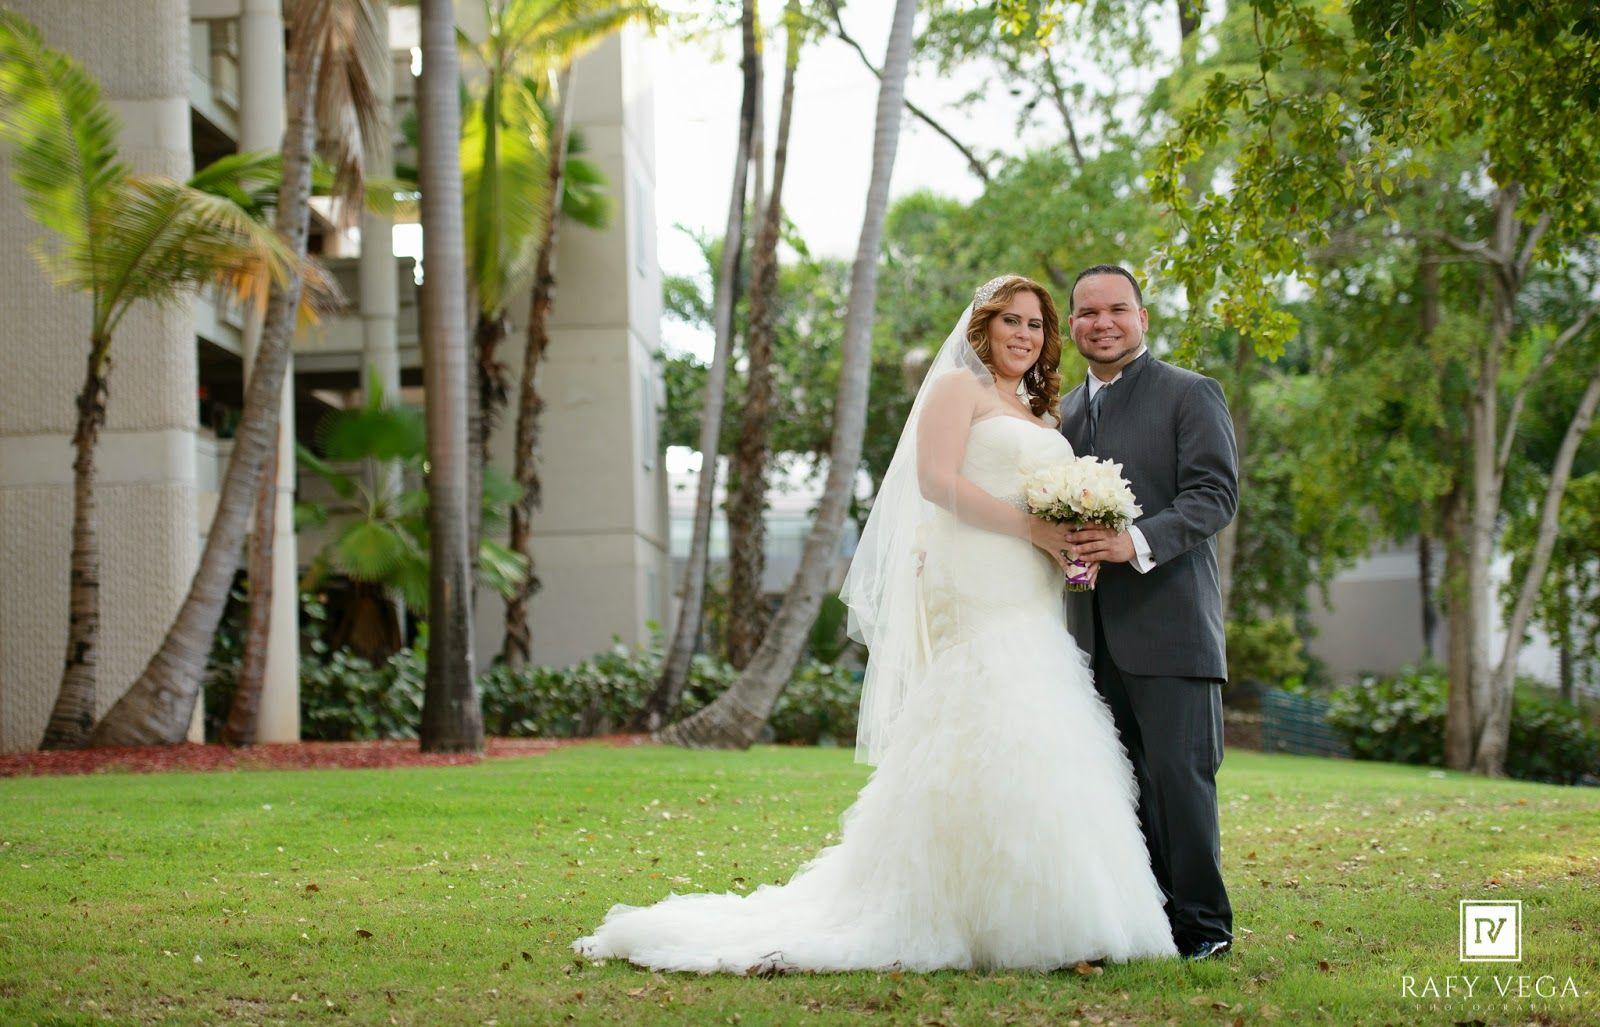 Rafy Vega Photography Fotografo De Bodas Wedding Photographer Ponce Puerto Rico Boda En Costa Caribe Golf Country Cl Wedding Wedding Dresses Portrait